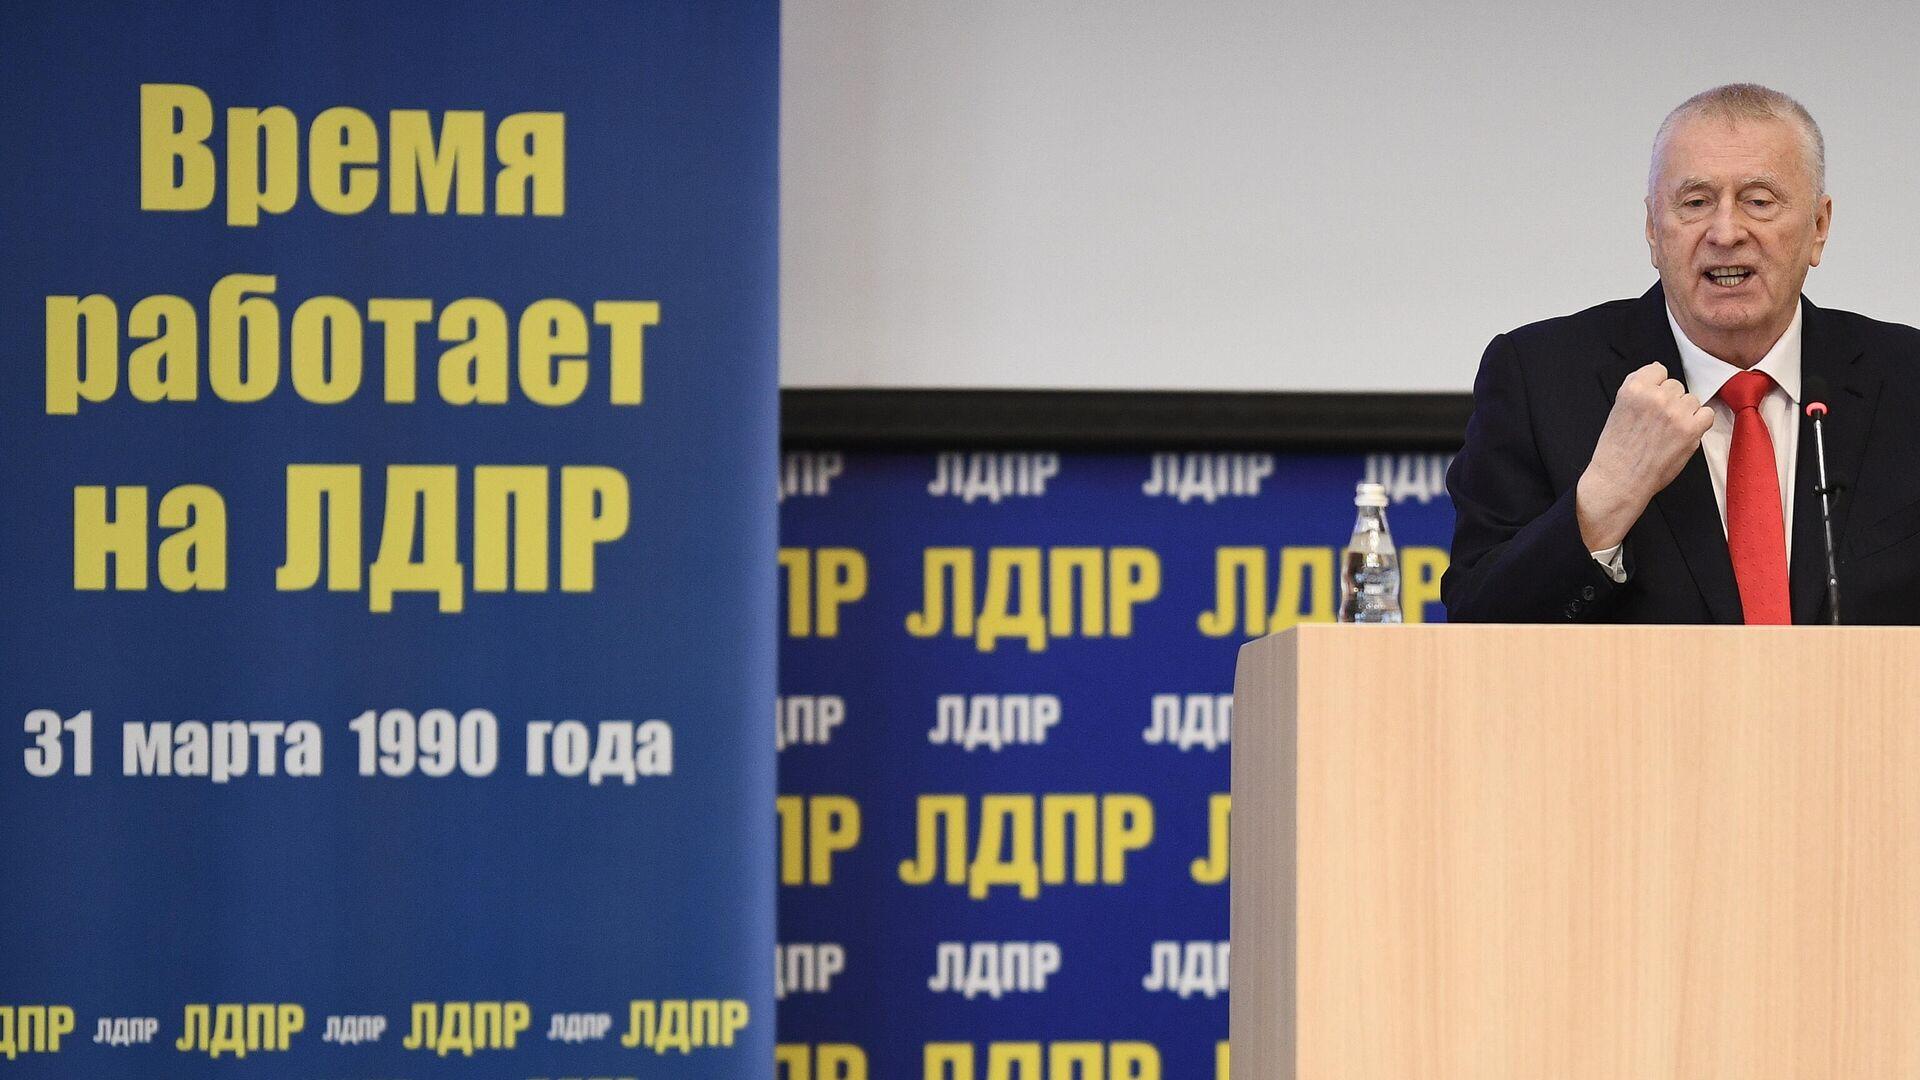 Патриарх Кирилл поздравил Жириновского с днем рождения